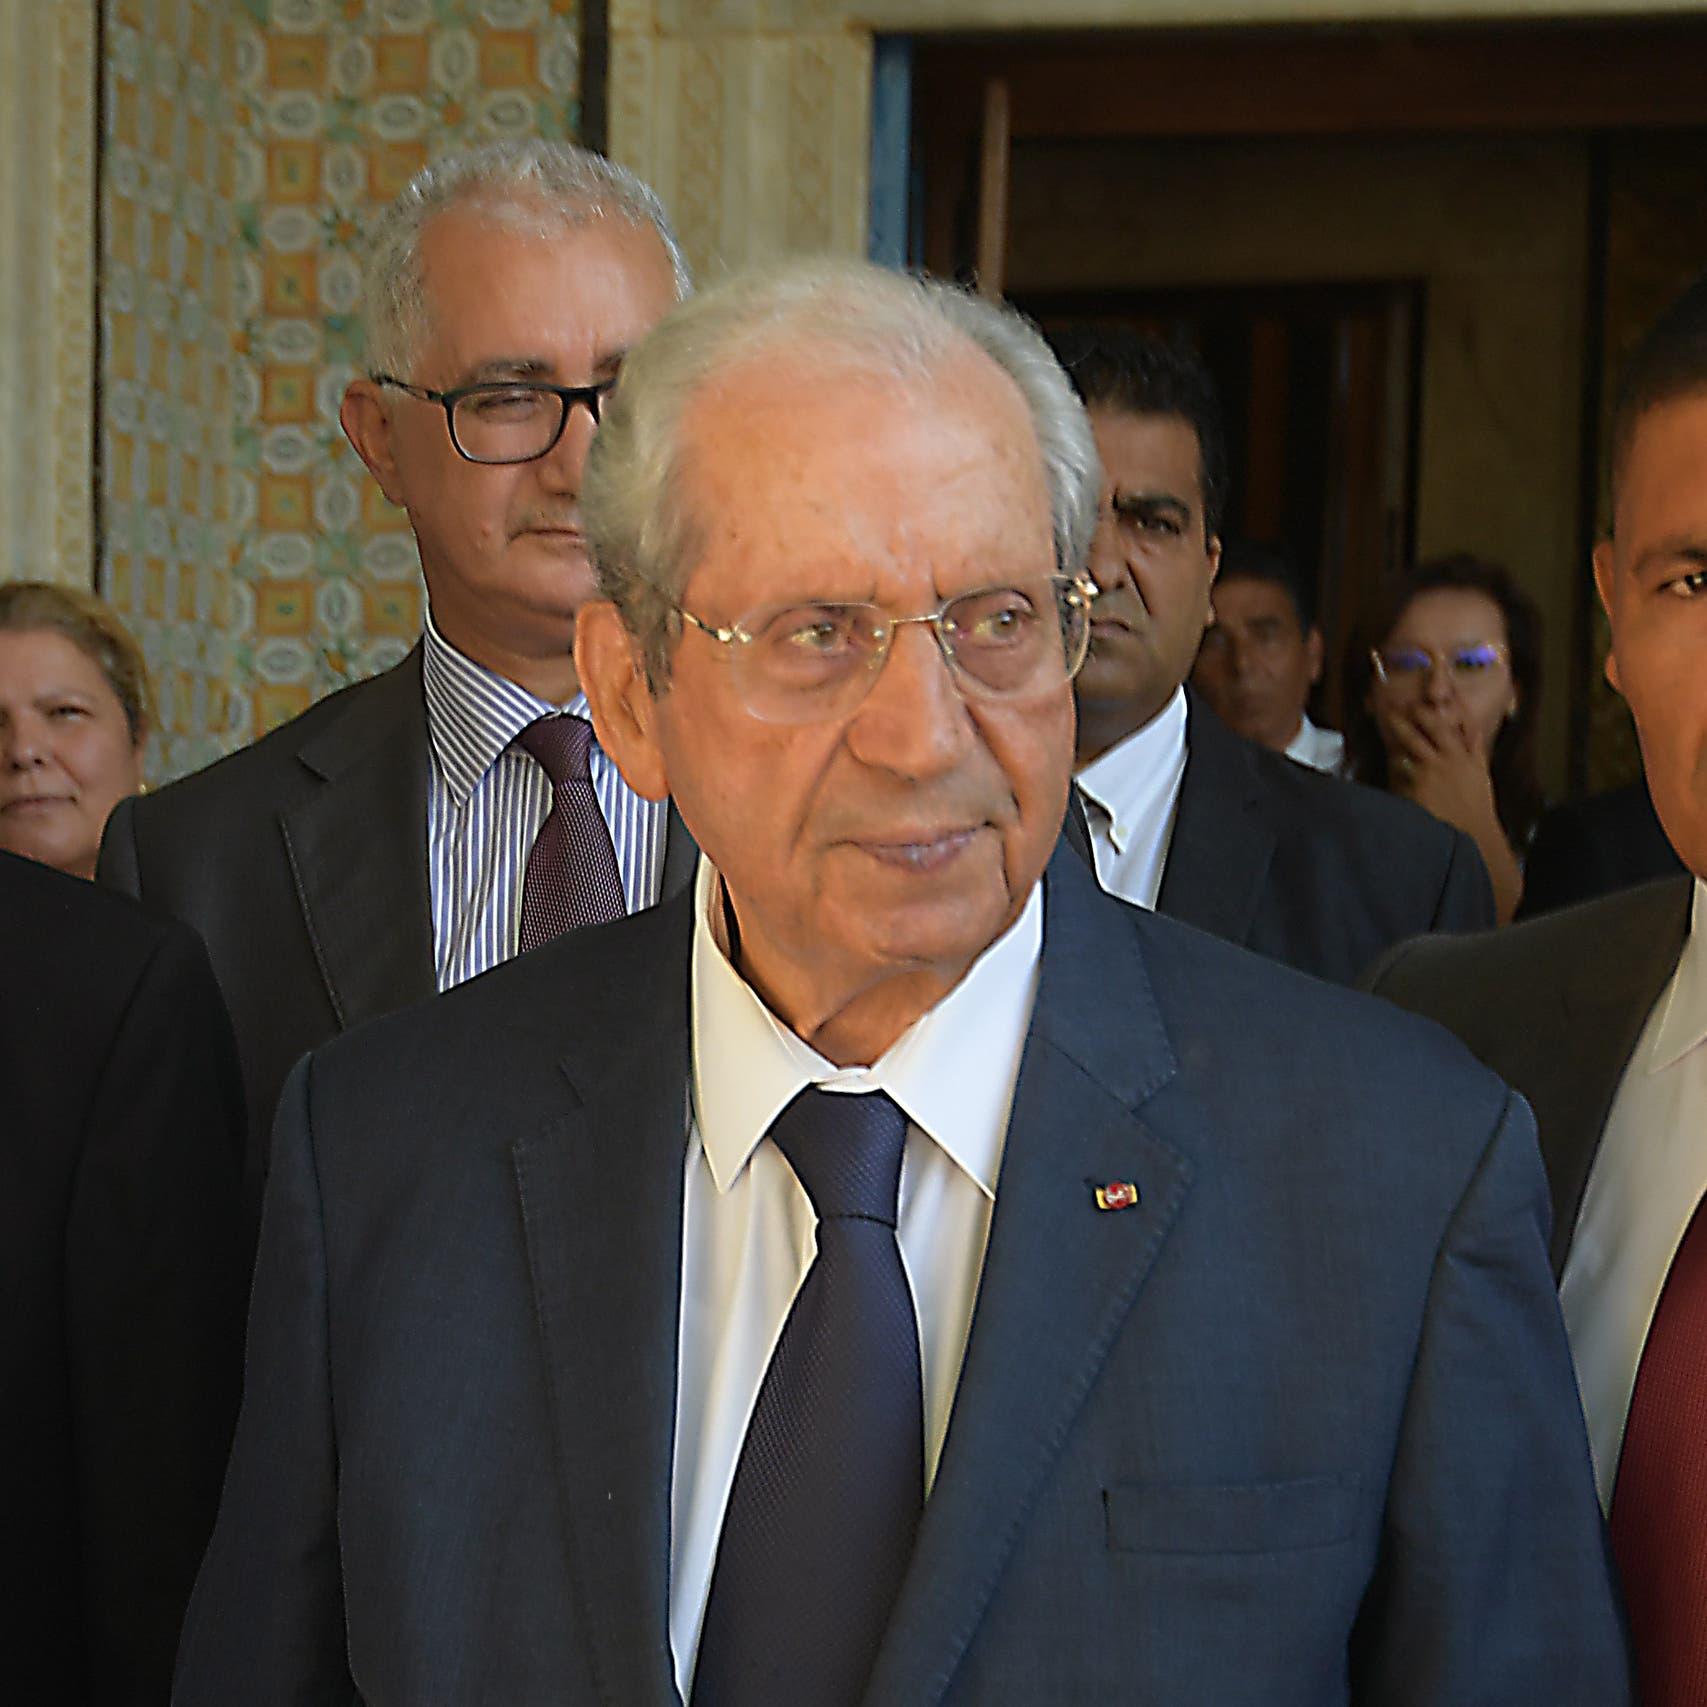 محمد الناصر يؤدي اليمين الدستورية رئيساً مؤقتاً لتونس